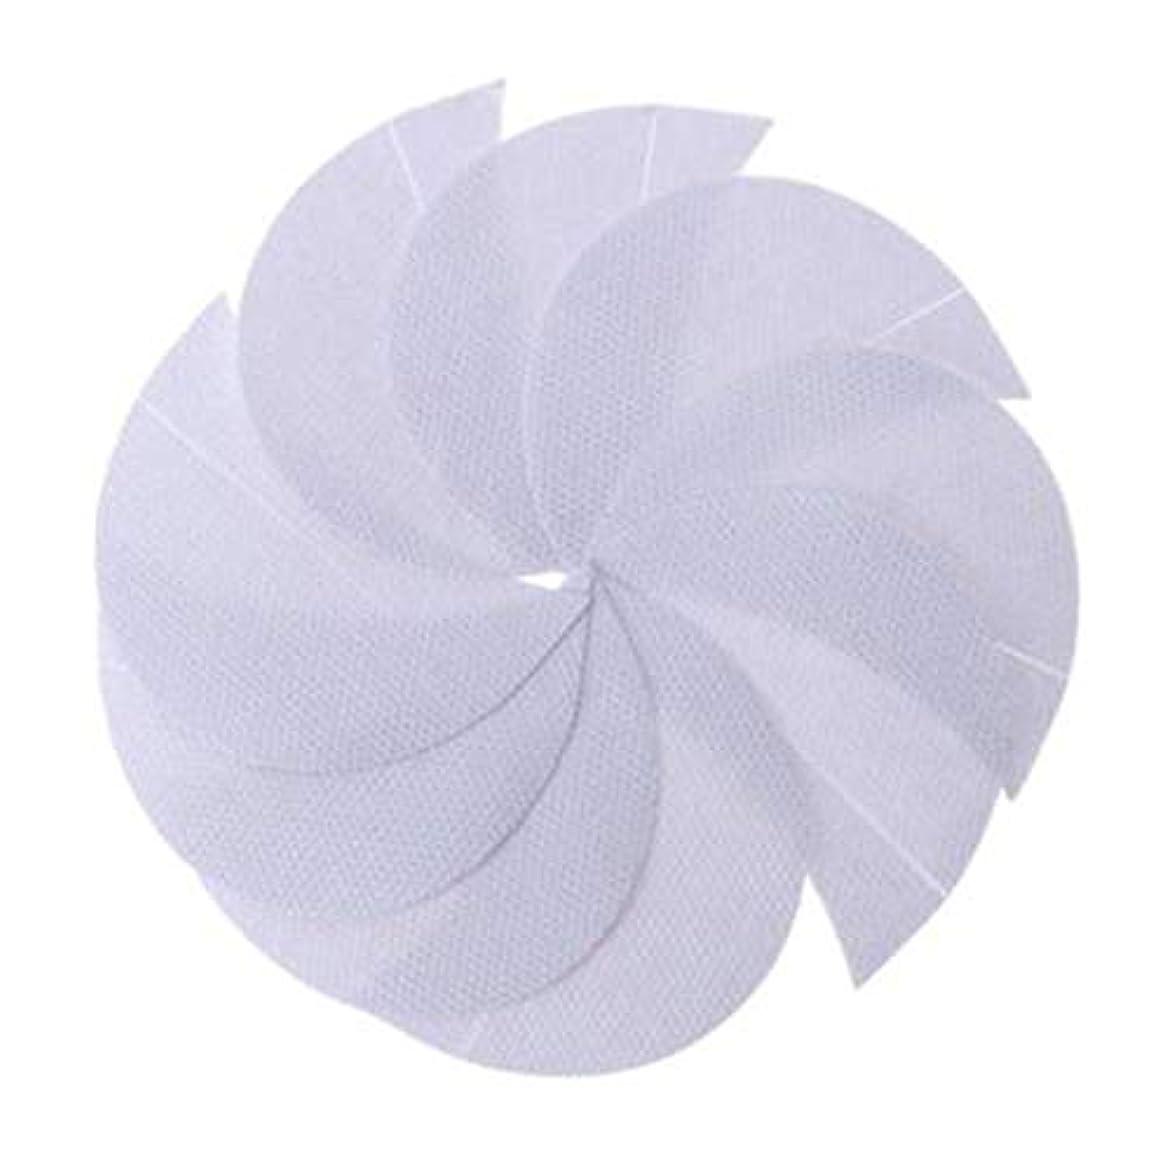 貢献縫い目無実Rabugogo 100個/袋不織布アイシャドーシールドアイシャドージェルパッドパッチアイシャドーステンシル防止まつげエクステ化粧品残留物